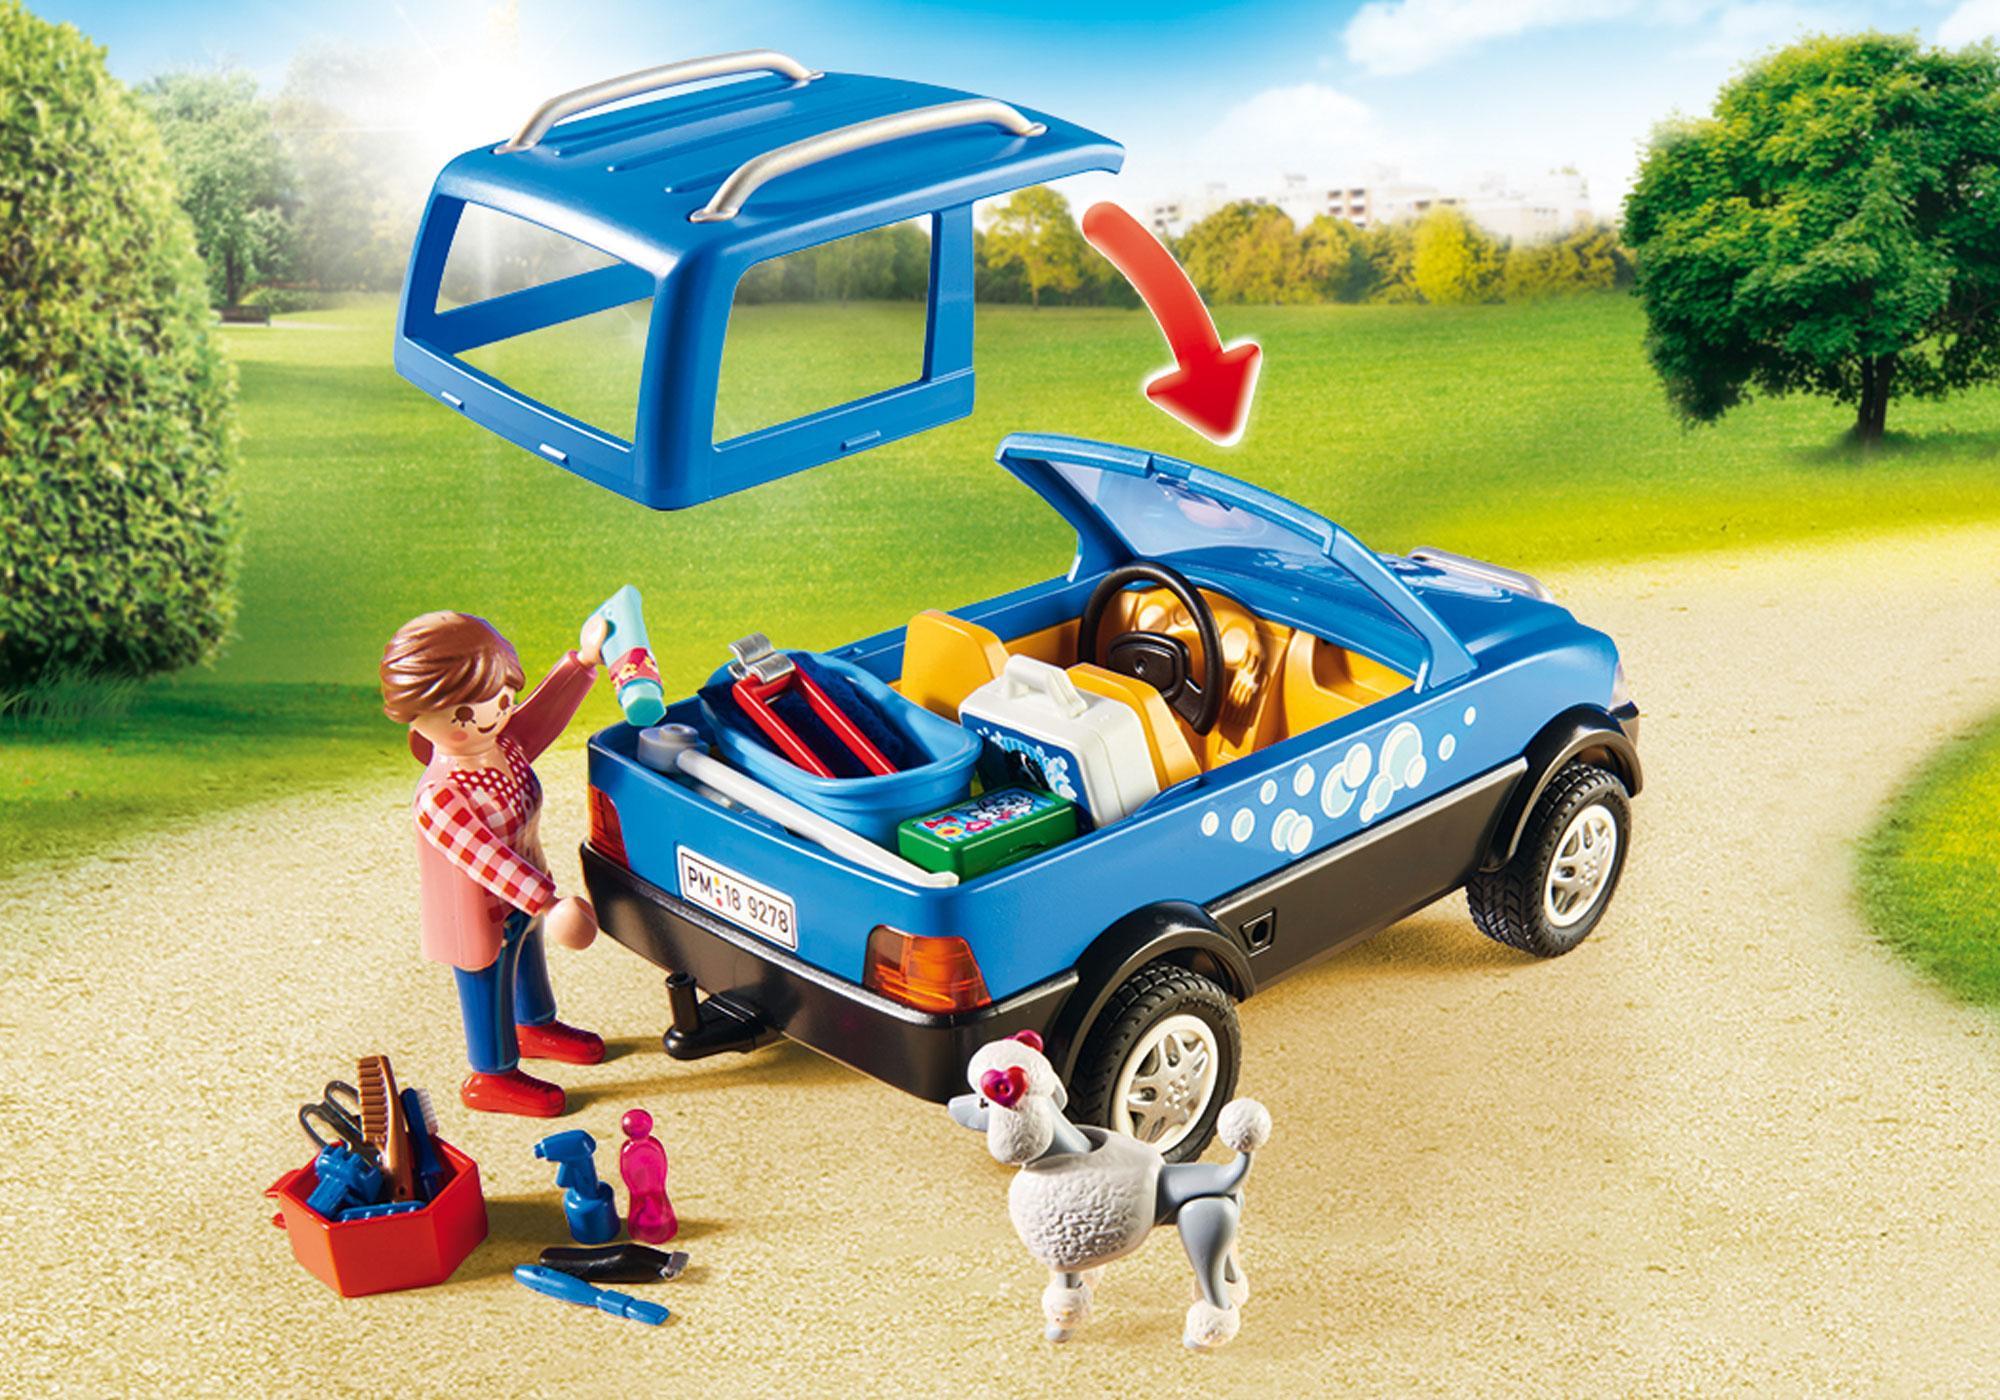 http://media.playmobil.com/i/playmobil/9278_product_extra1/Mobiel hondensalon